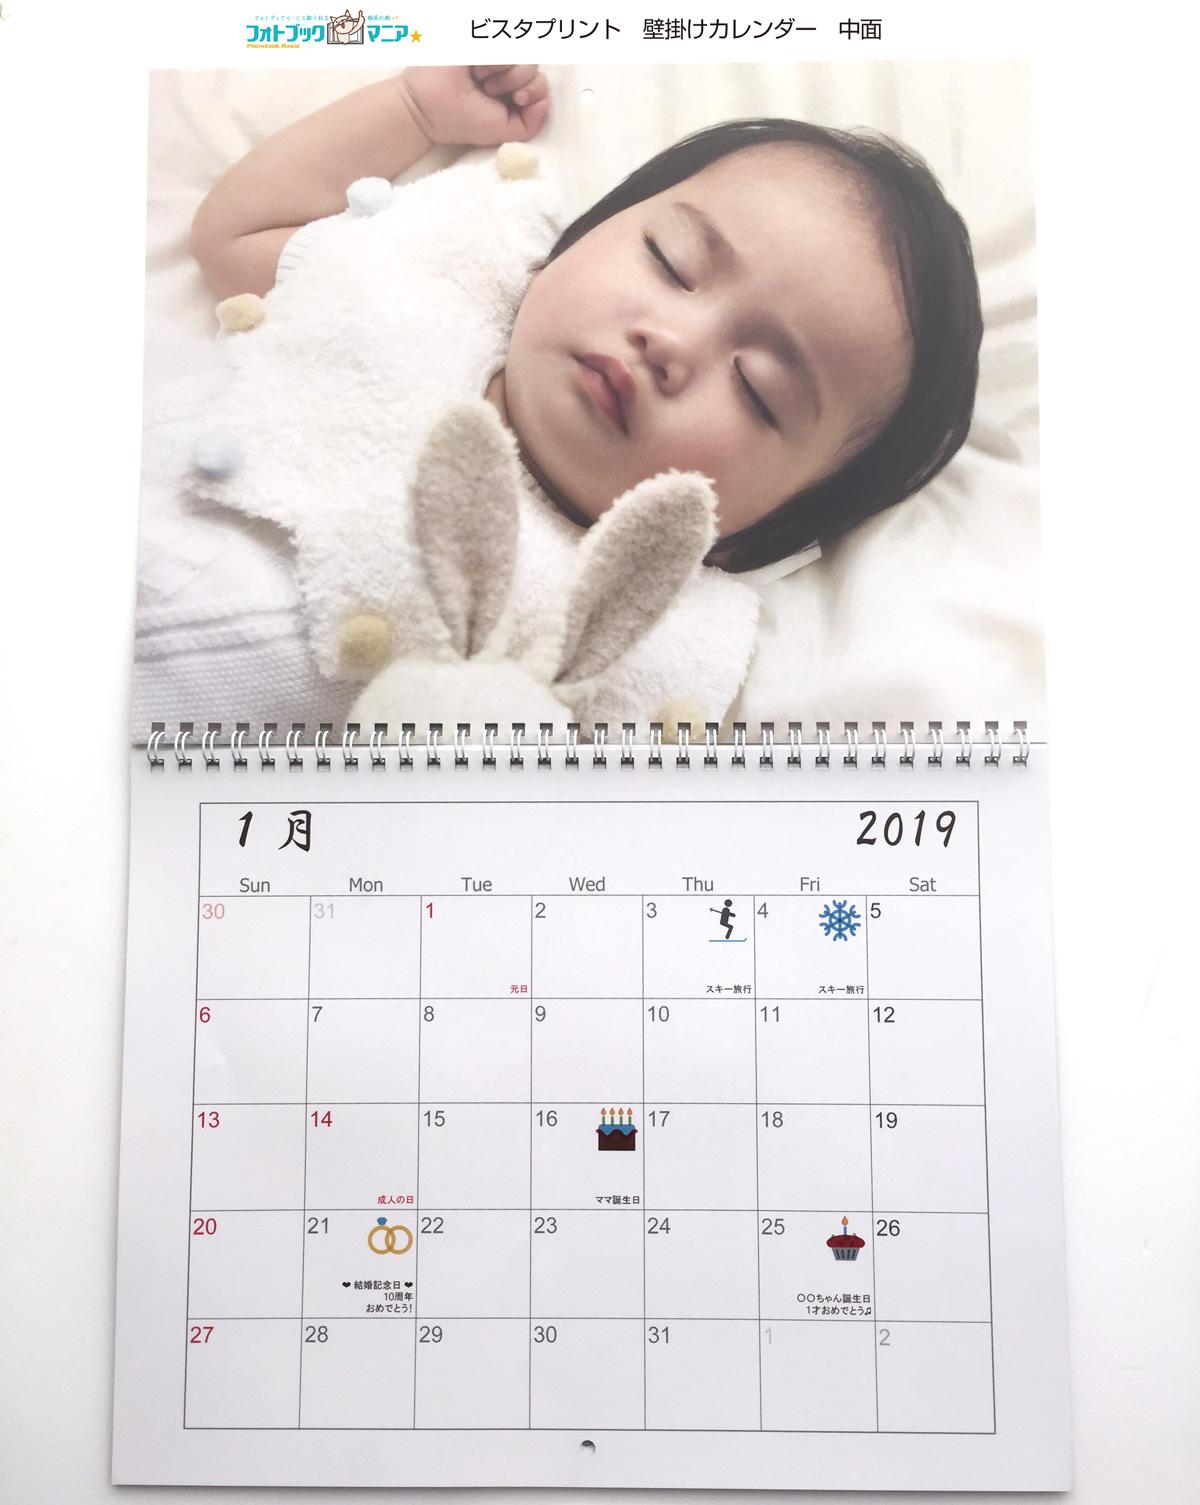 ビスタプリント2019年壁掛けカレンダー作成レビュー【画質/価格】口コミ|1部から作成可能!